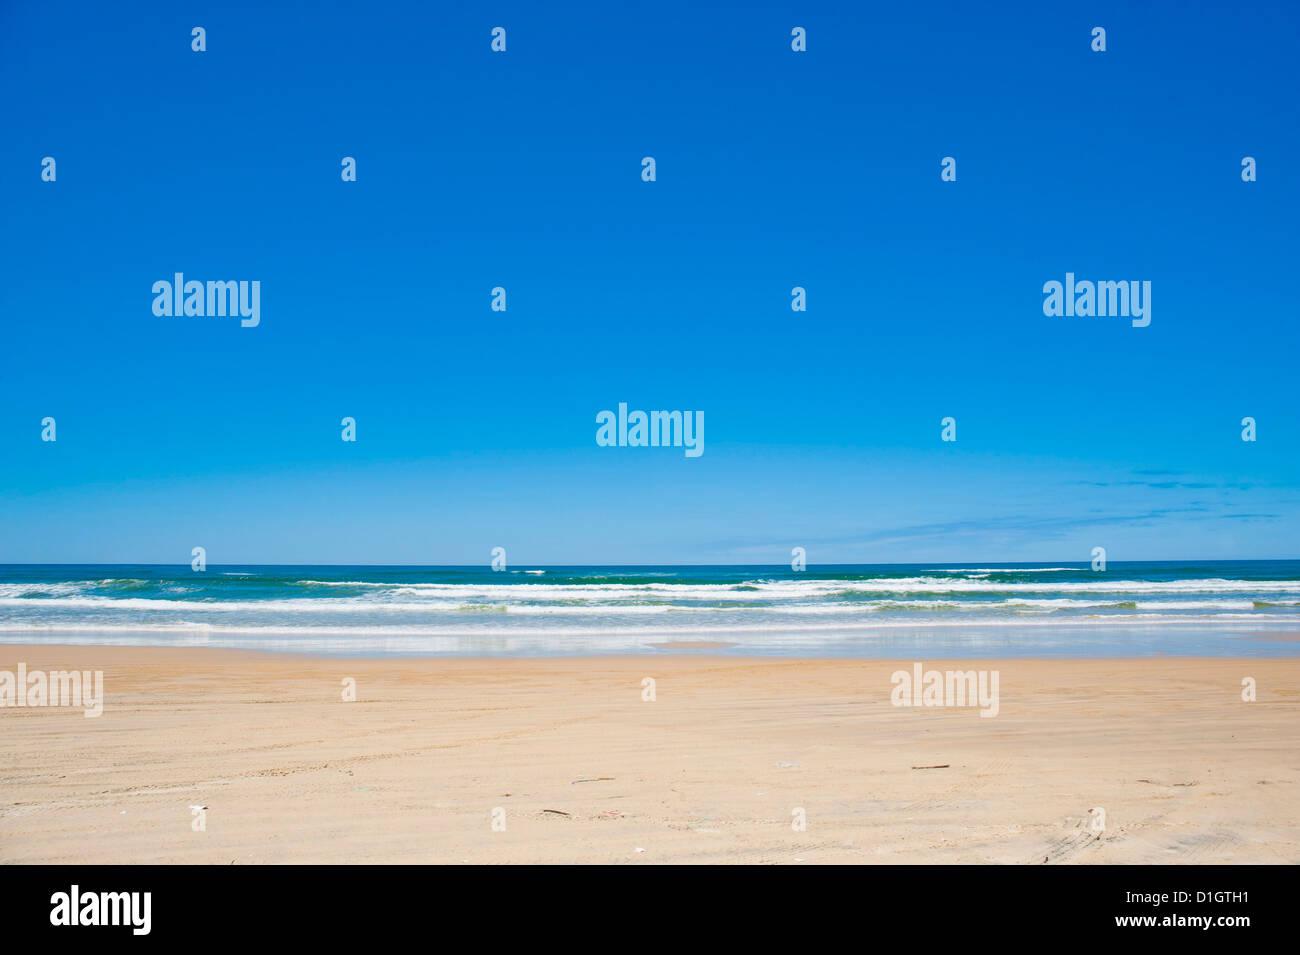 Siebzig fünf Meile Strand mit weißem Sand und blauem Himmel, Fraser Island, Queensland, Australien, Pazifik Stockbild